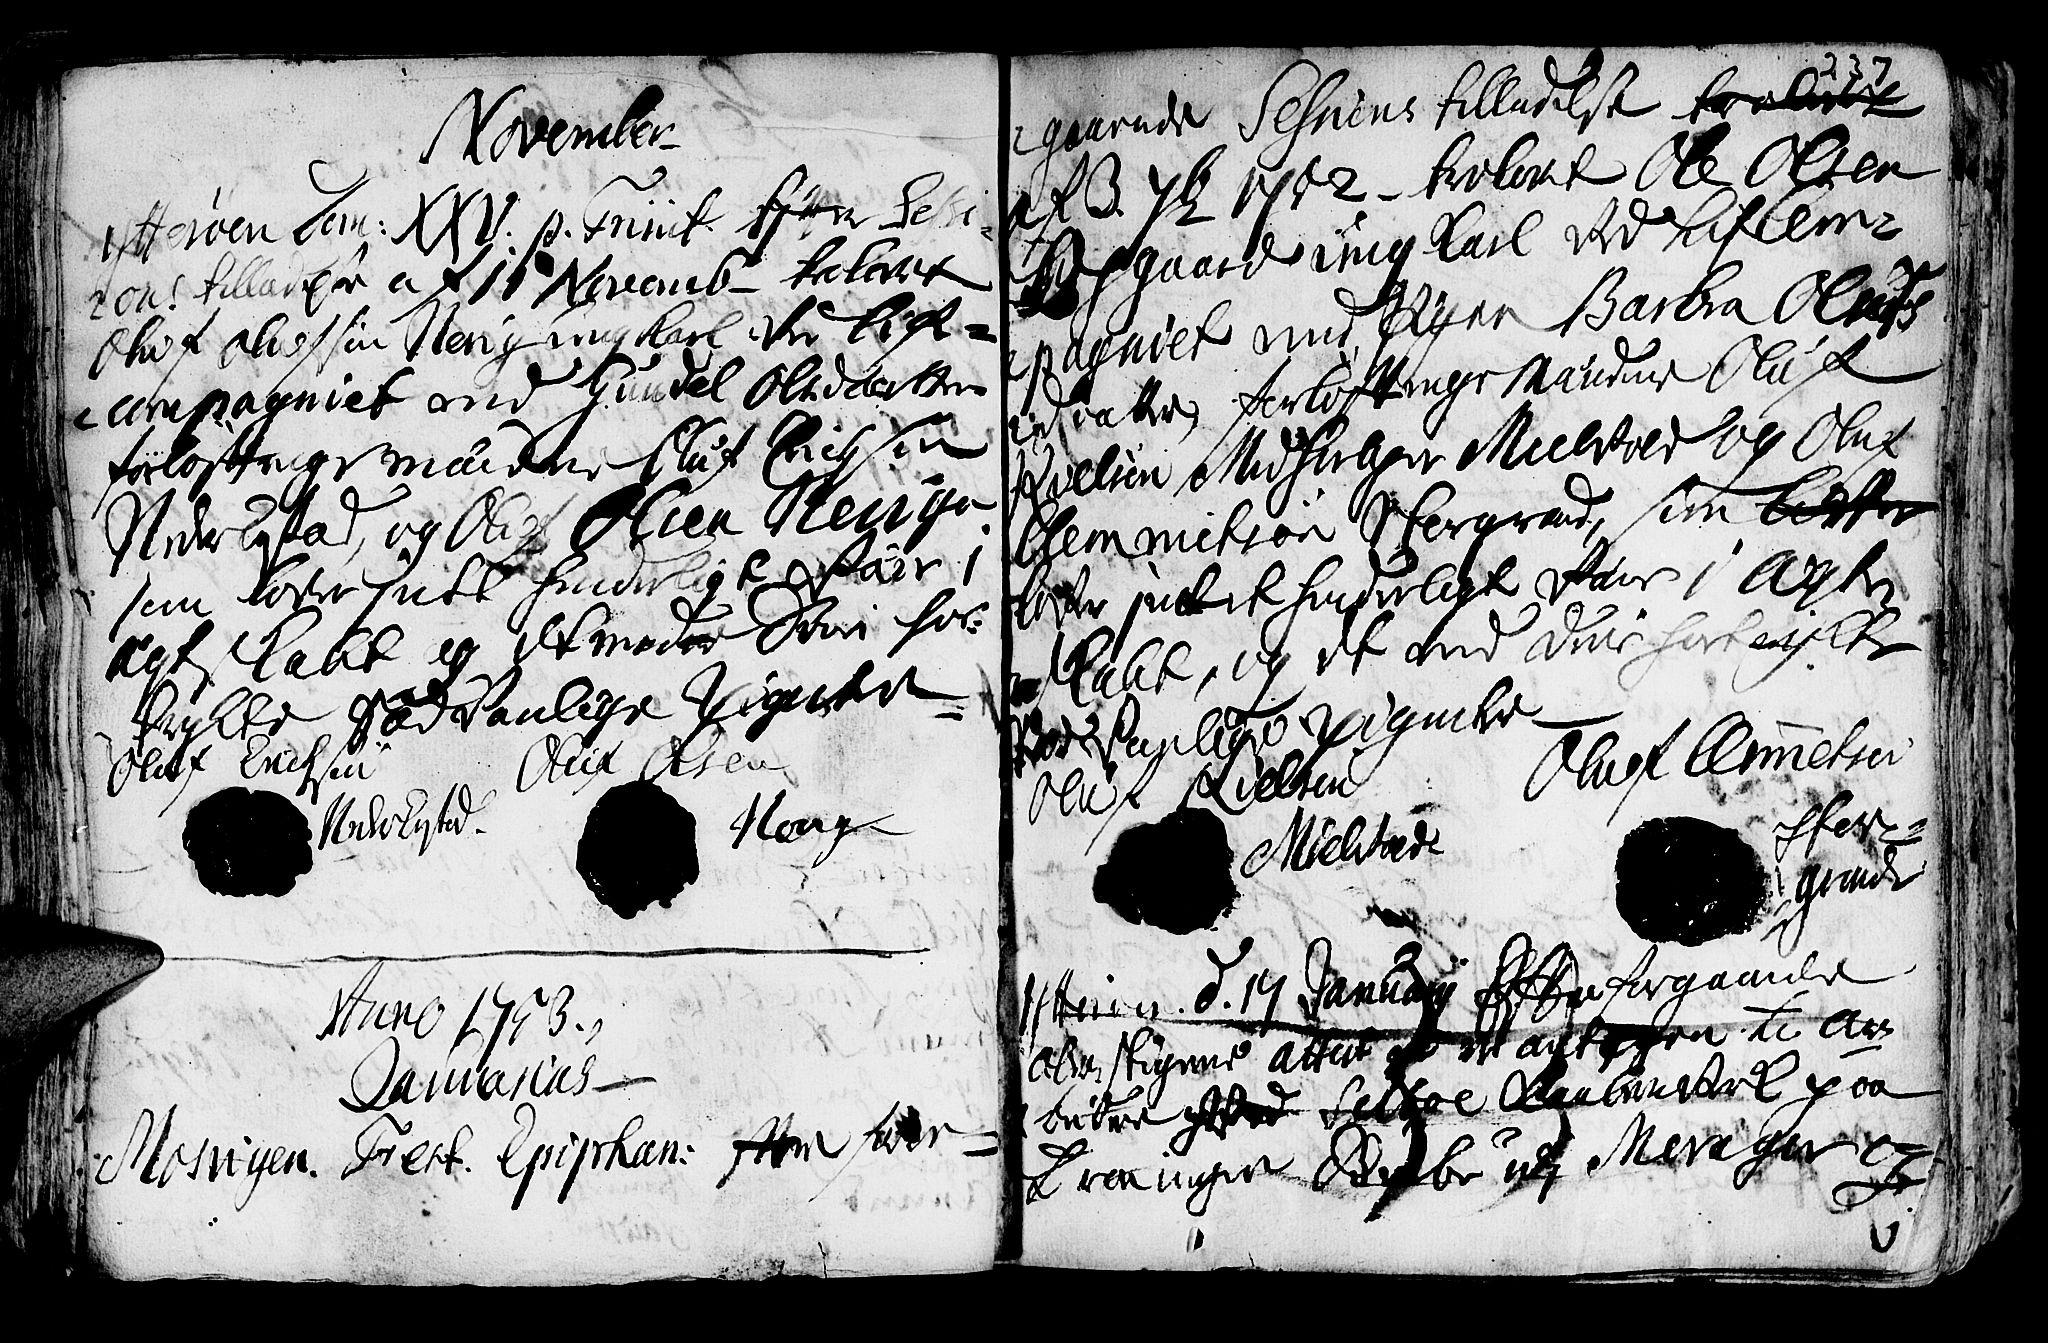 SAT, Ministerialprotokoller, klokkerbøker og fødselsregistre - Nord-Trøndelag, 722/L0215: Ministerialbok nr. 722A02, 1718-1755, s. 237